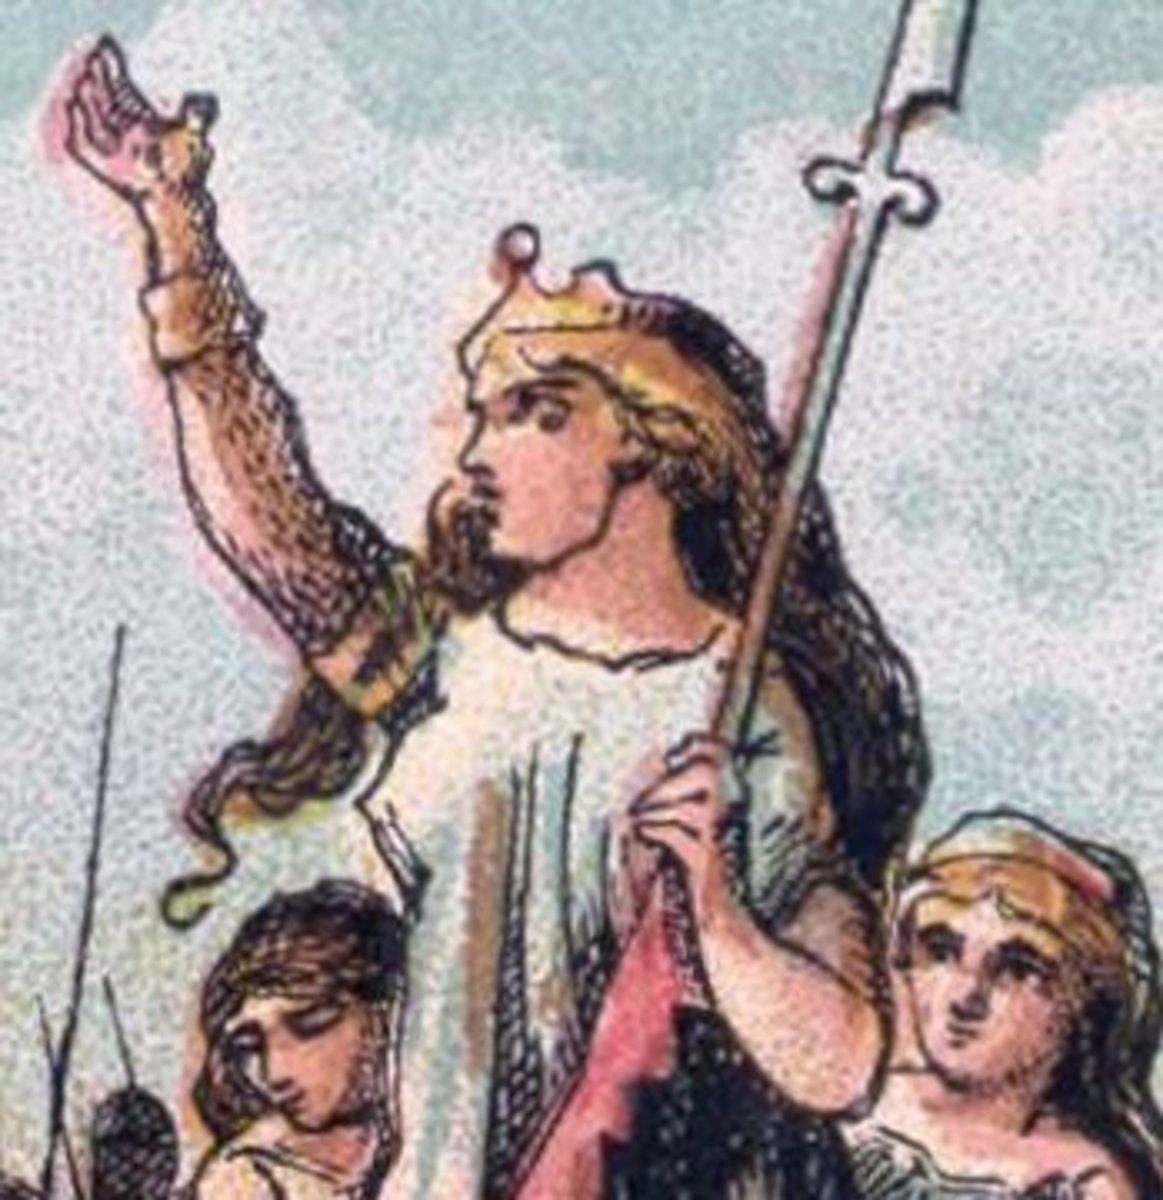 Boadicea rallying her troops.